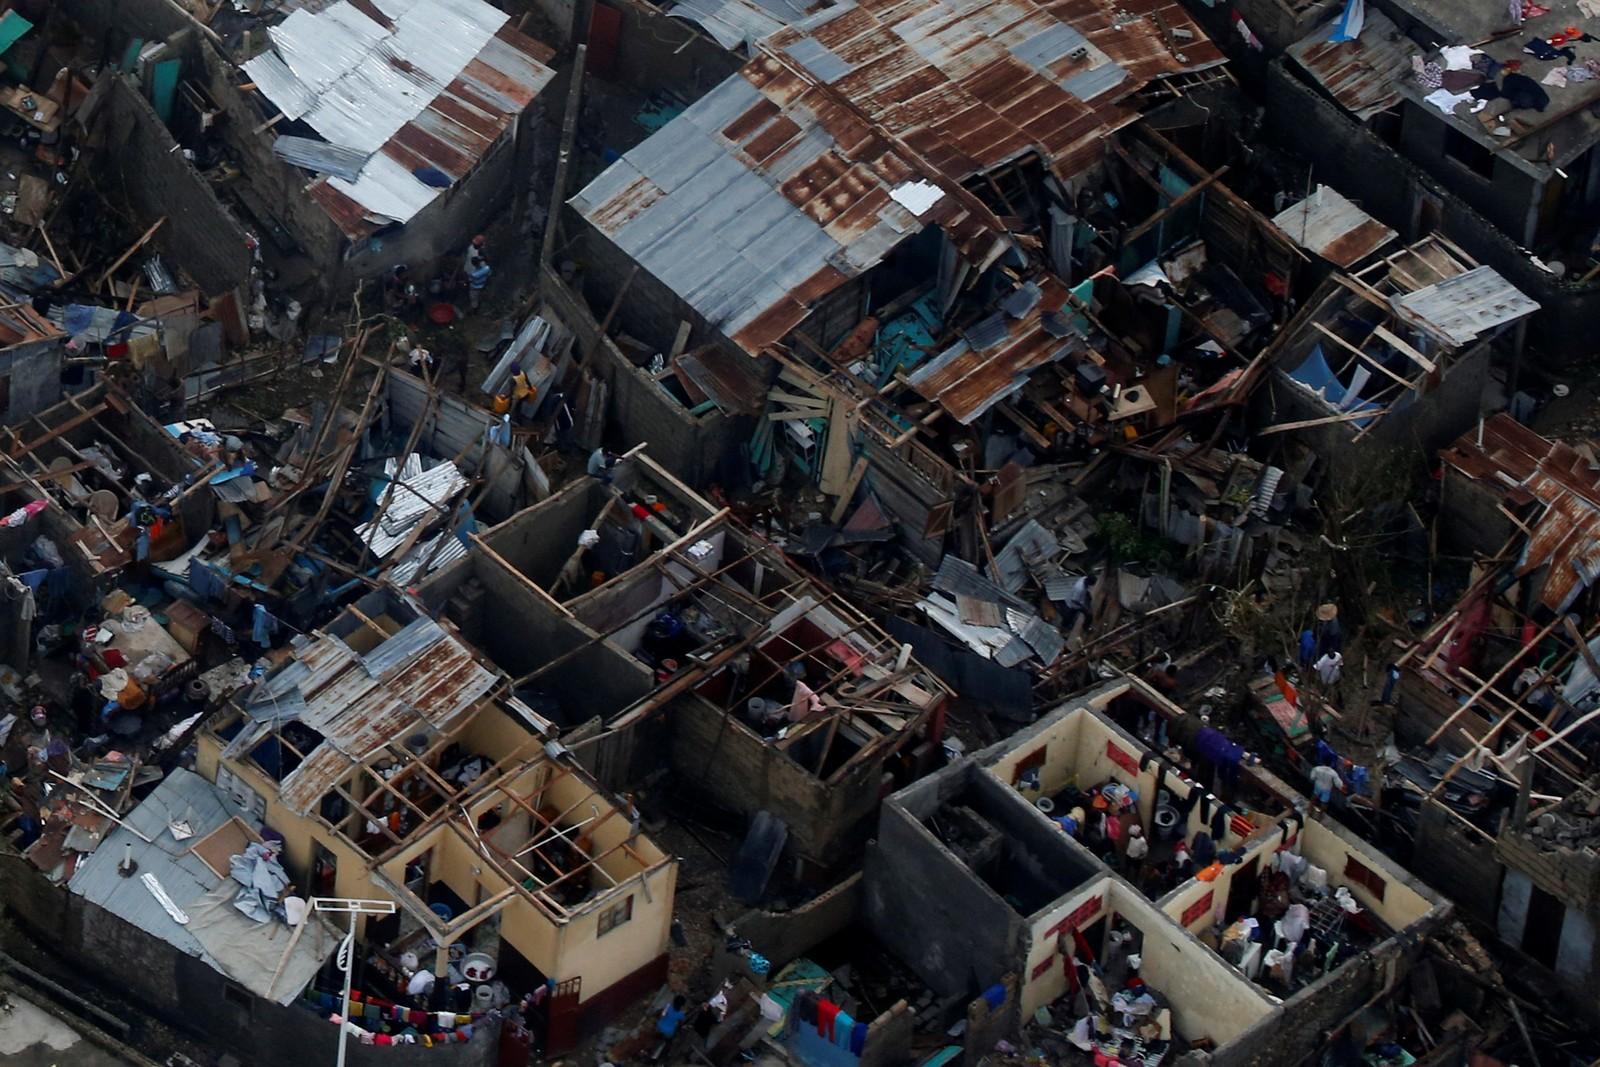 Mange av husene i byen var små skur som vinden fikk godt tak i.